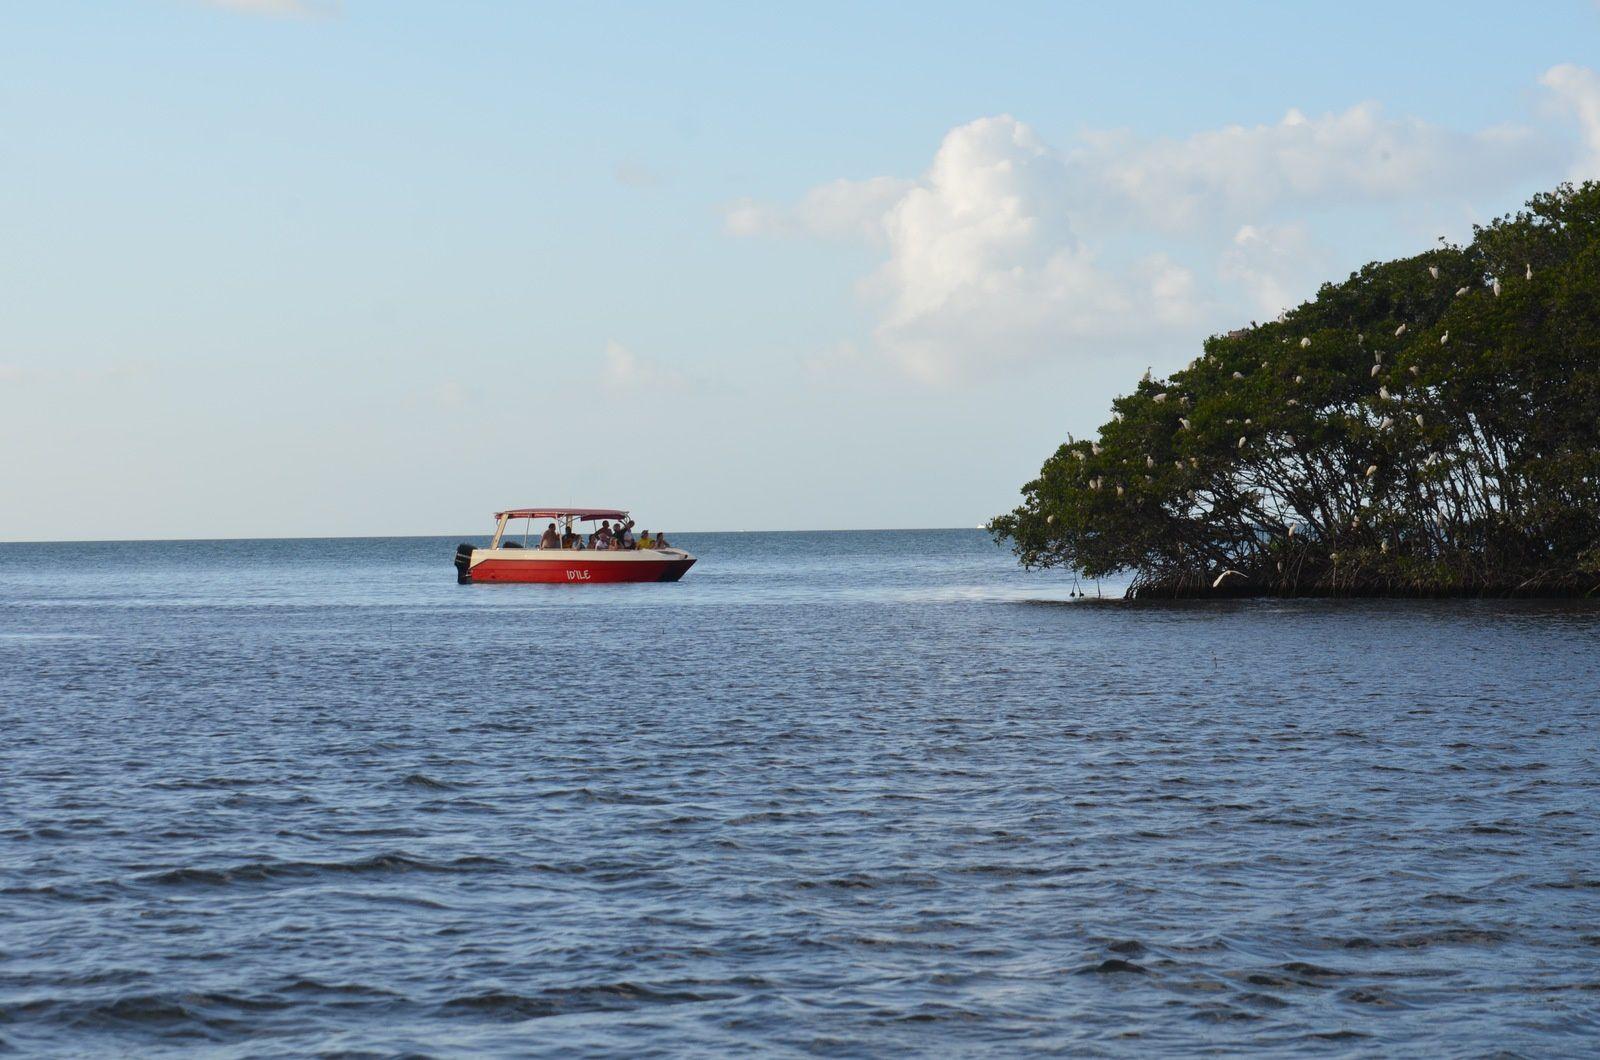 Un bateau trop proche de la colonie d'oiseaux. Le dérangement est le principal facteur de déclin des colonies nicheuses d'oiseaux marins.